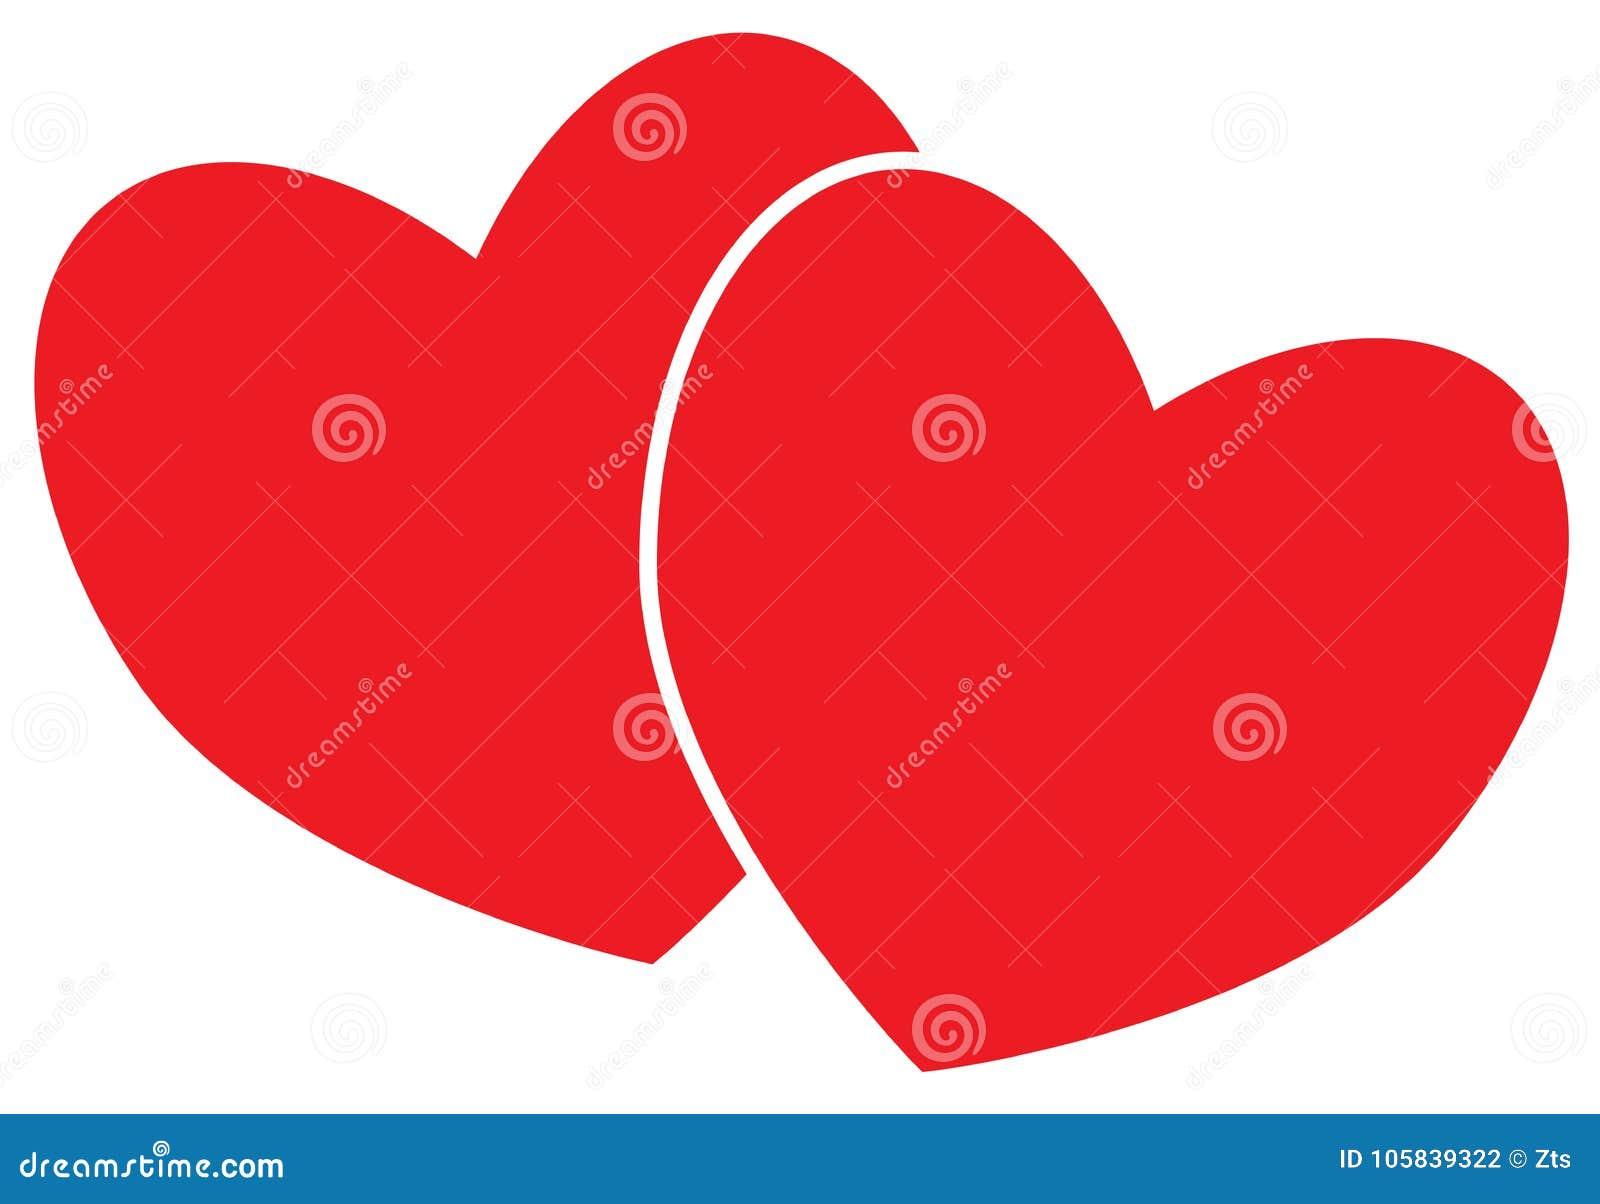 Twee harten concept voor liefde